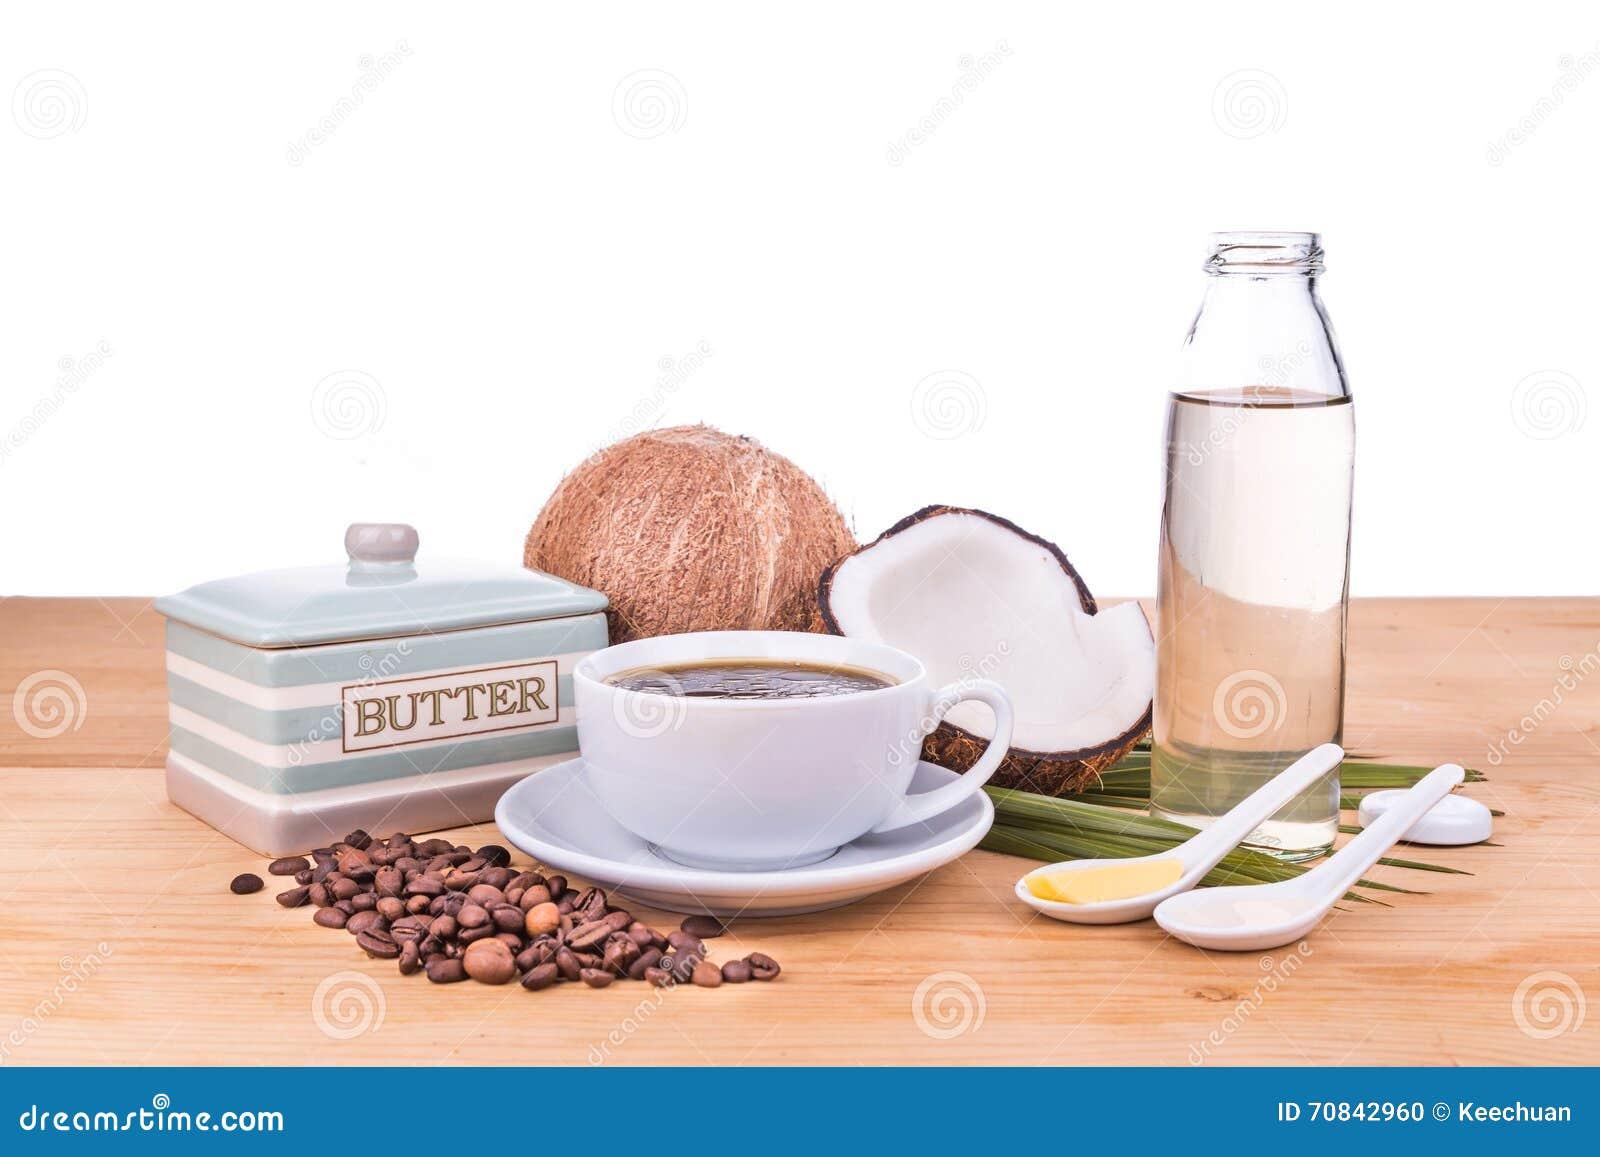 Dieta del cafe con mantequilla y aceite de coco